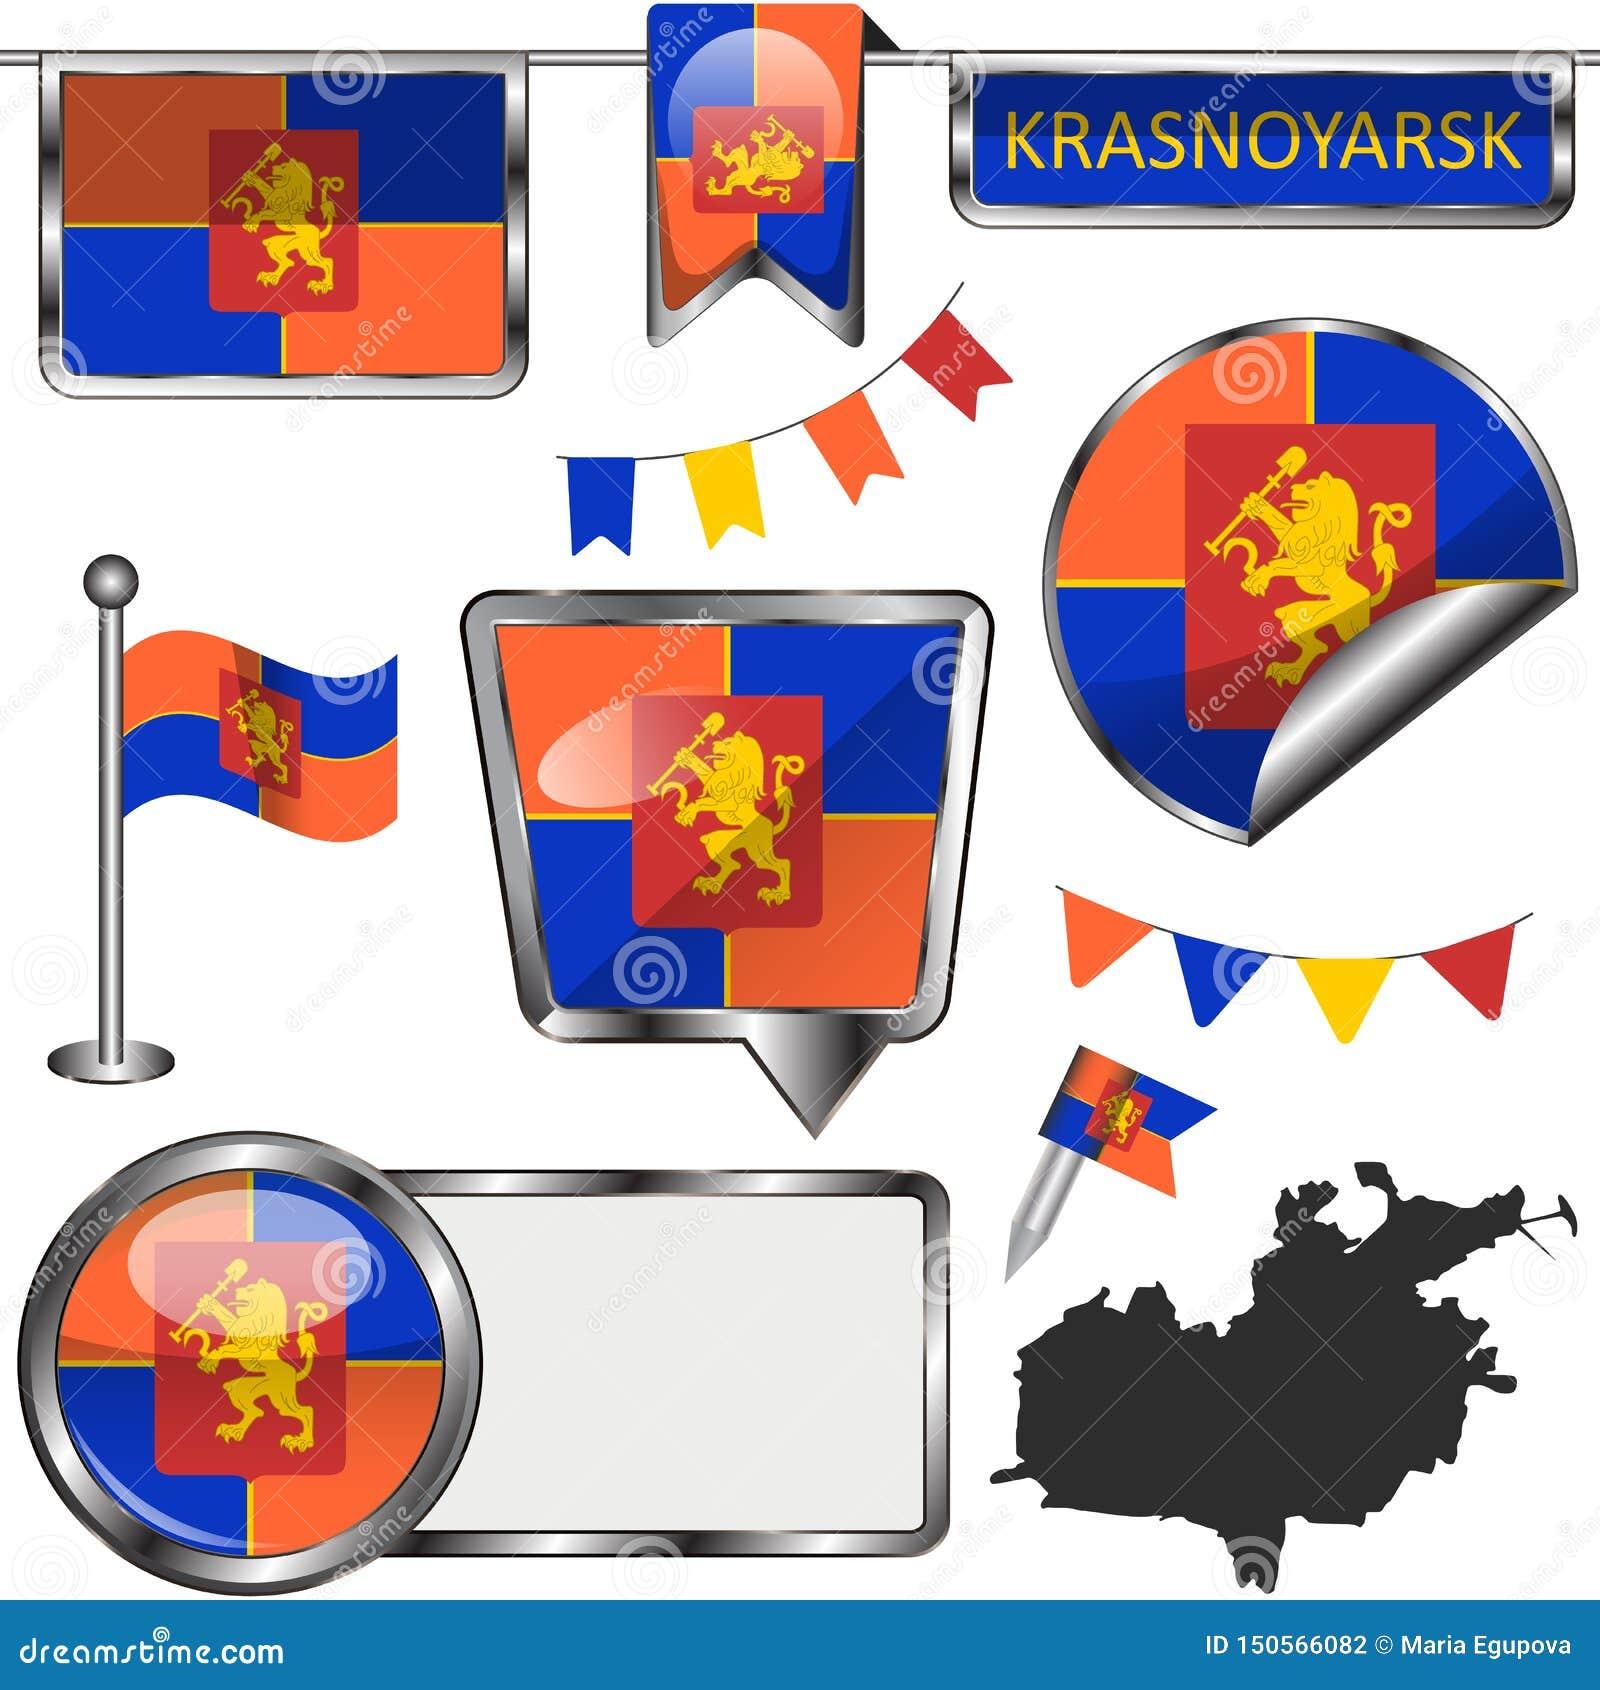 Glossy icons with flag of Krasnoyarsk